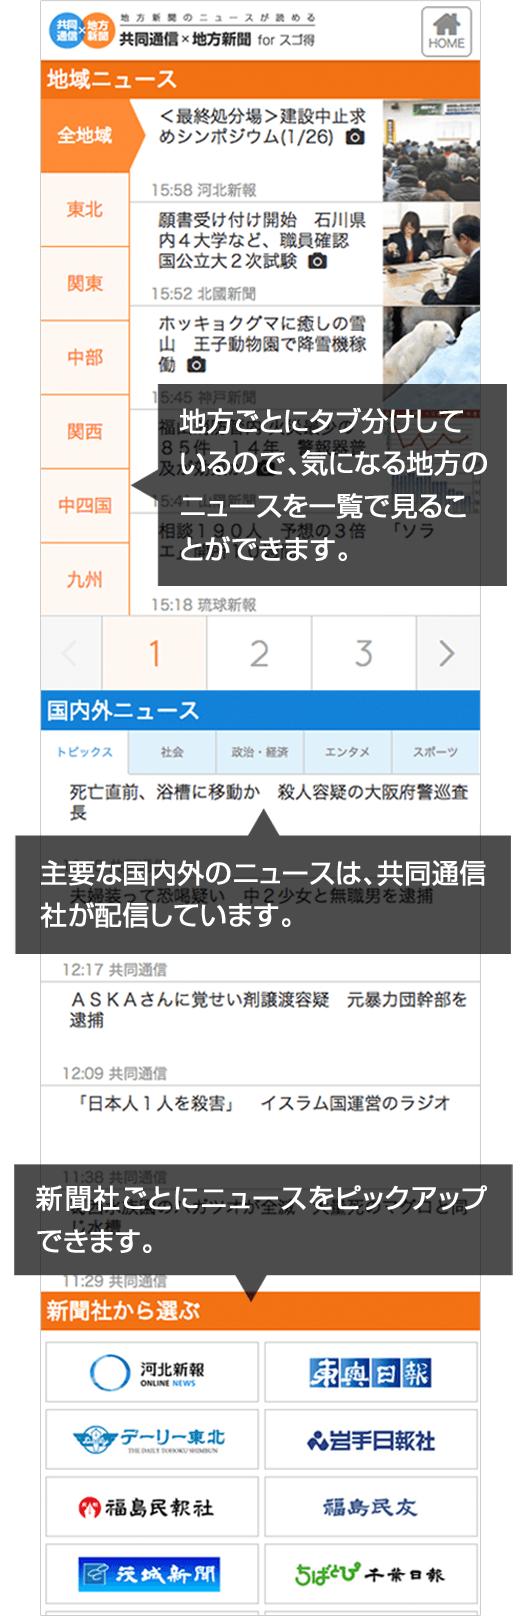 共同通信 × 地方新聞 forスゴ得の画面説明